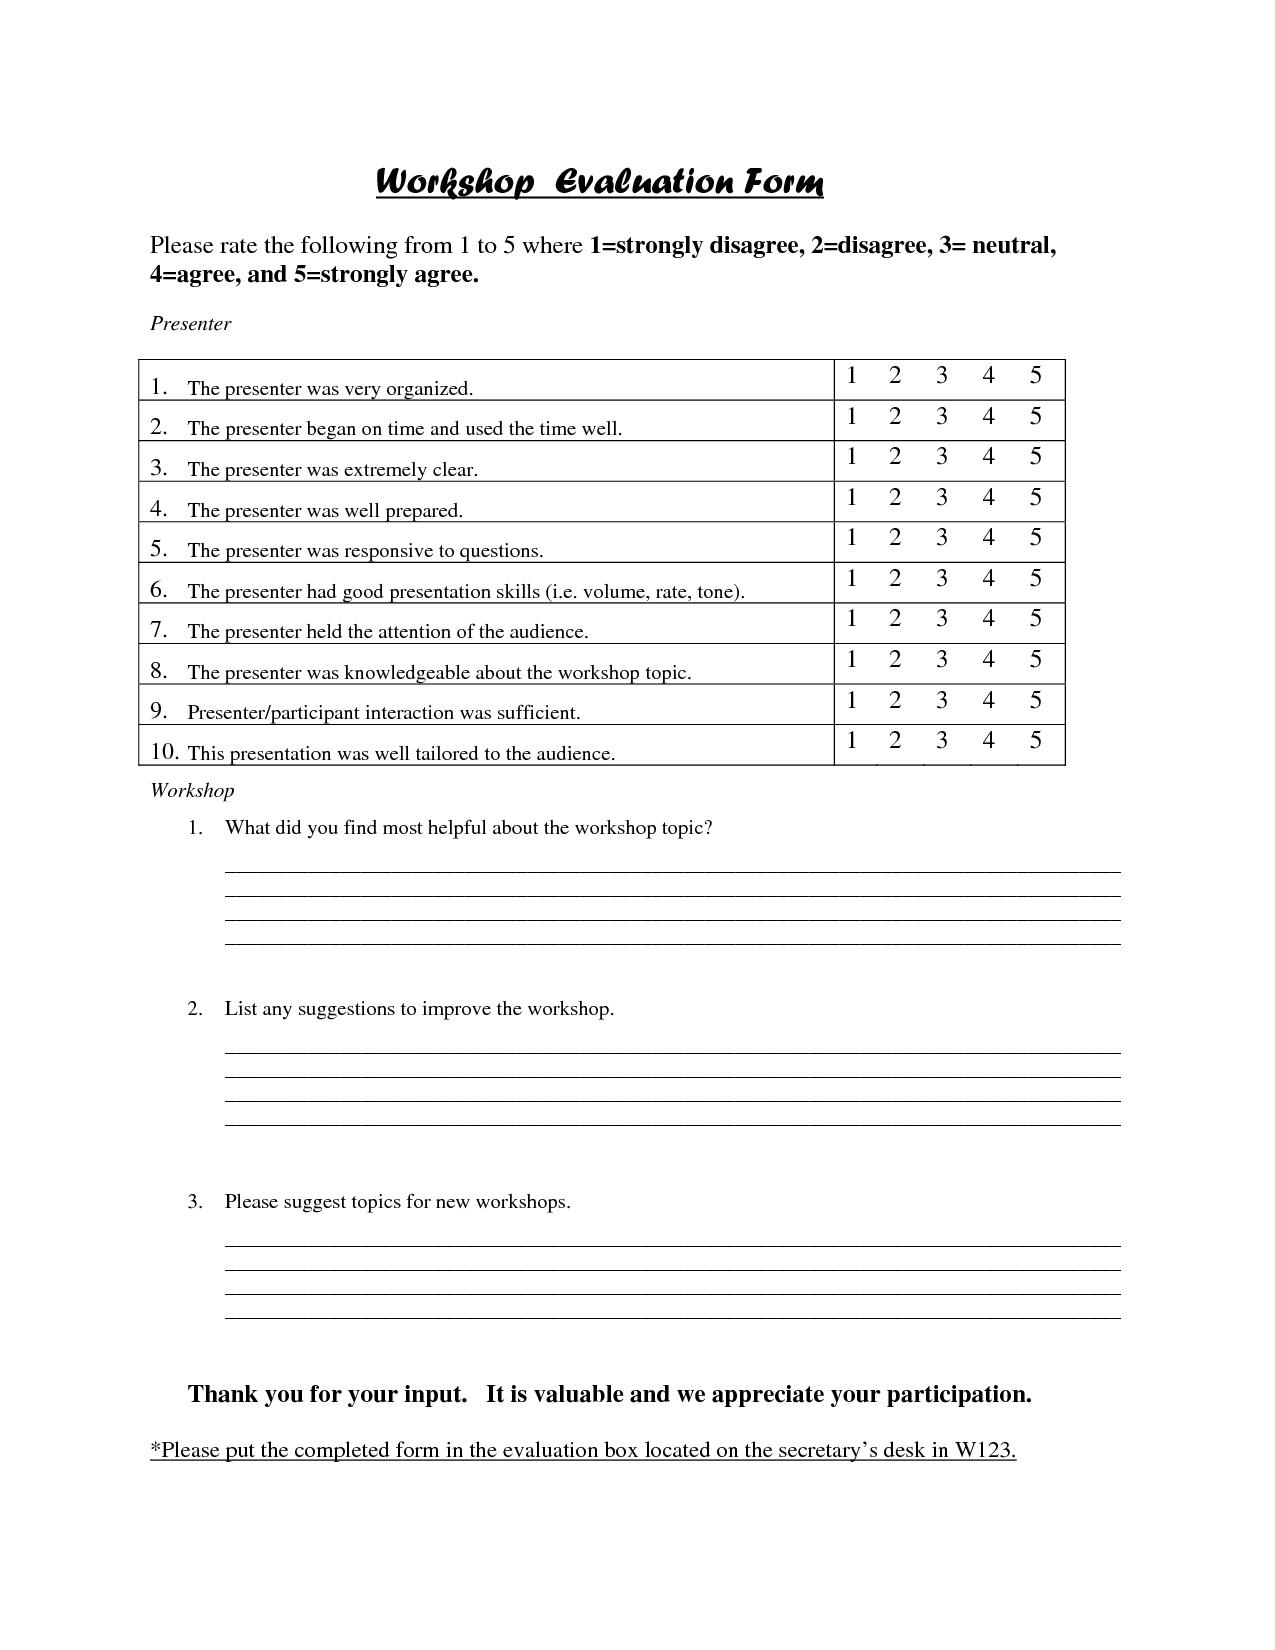 Workshop Evaluation Form Template